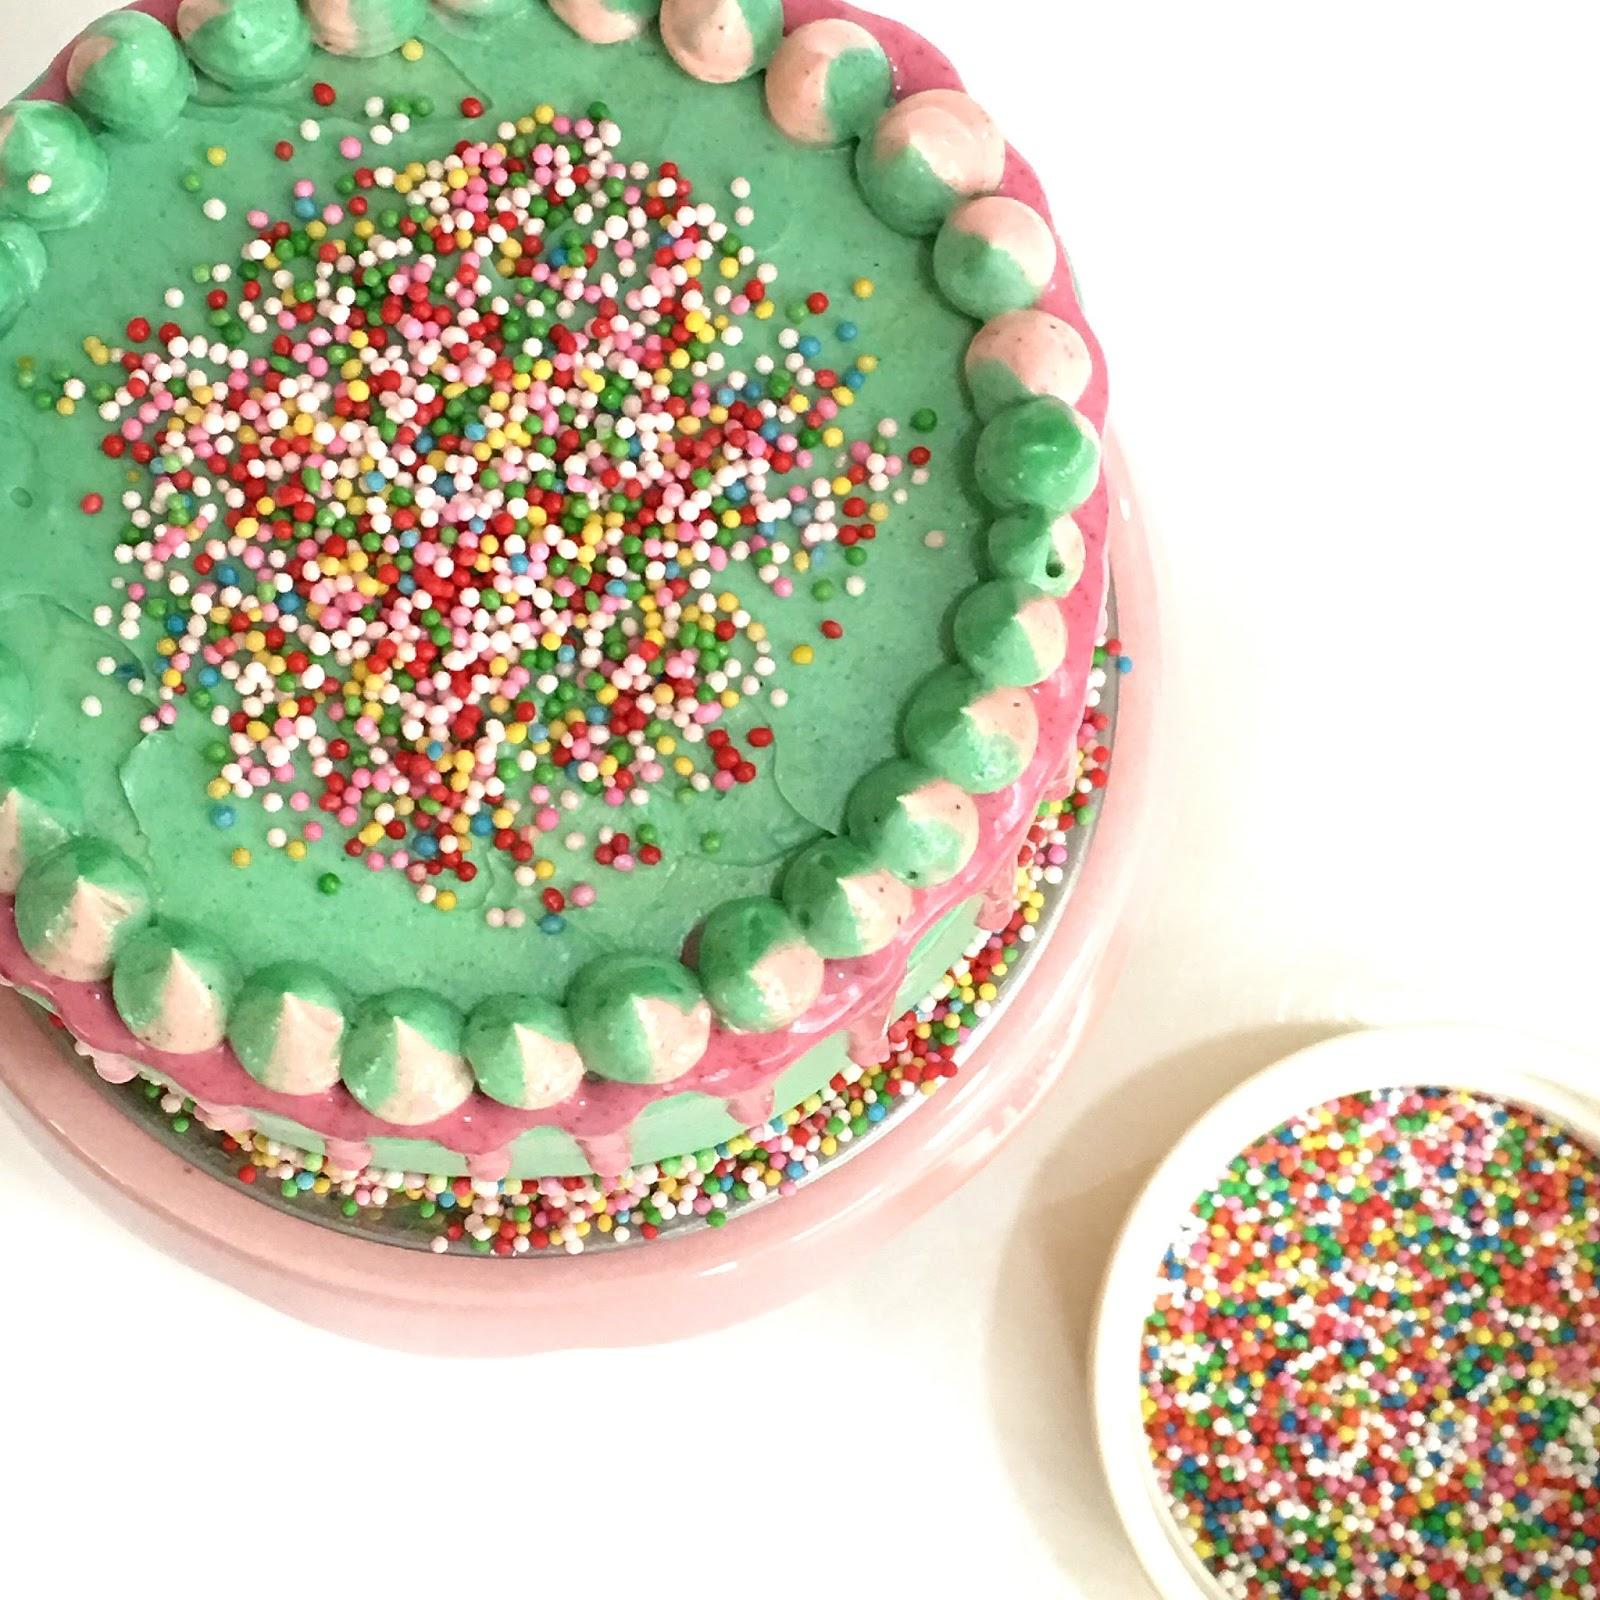 Rainbow Sprinkles Drip Cake Sherbakes